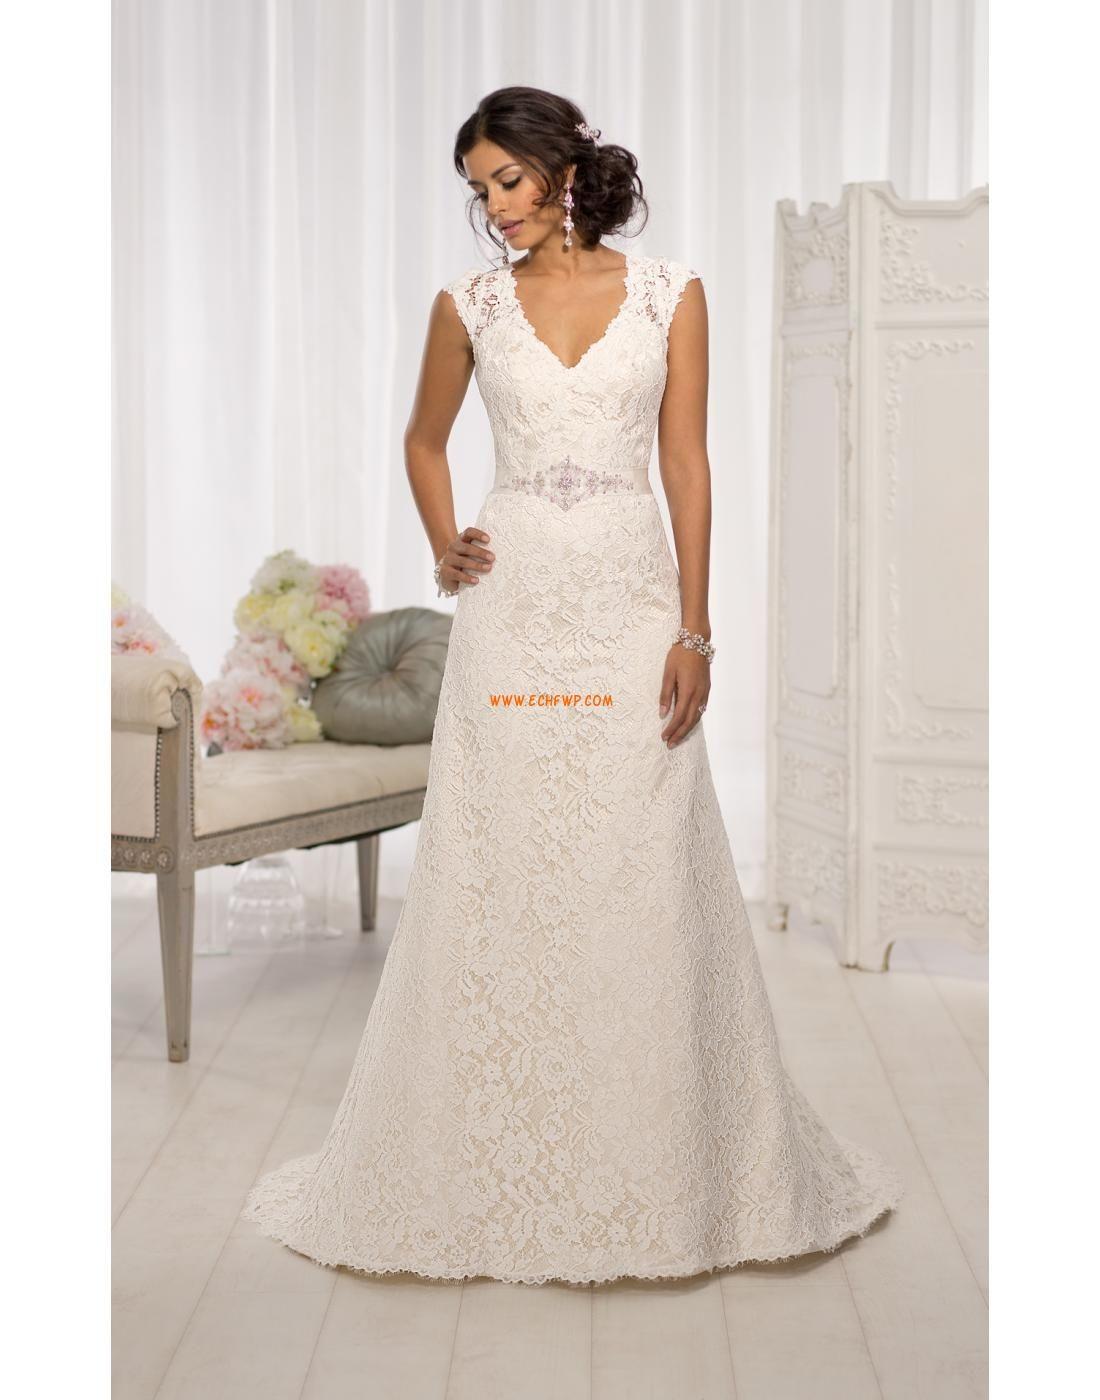 Γραμμή Α Εντυπωσιακό u Δραματικό Αμάνικο vυφικά κομψό φόρεμα